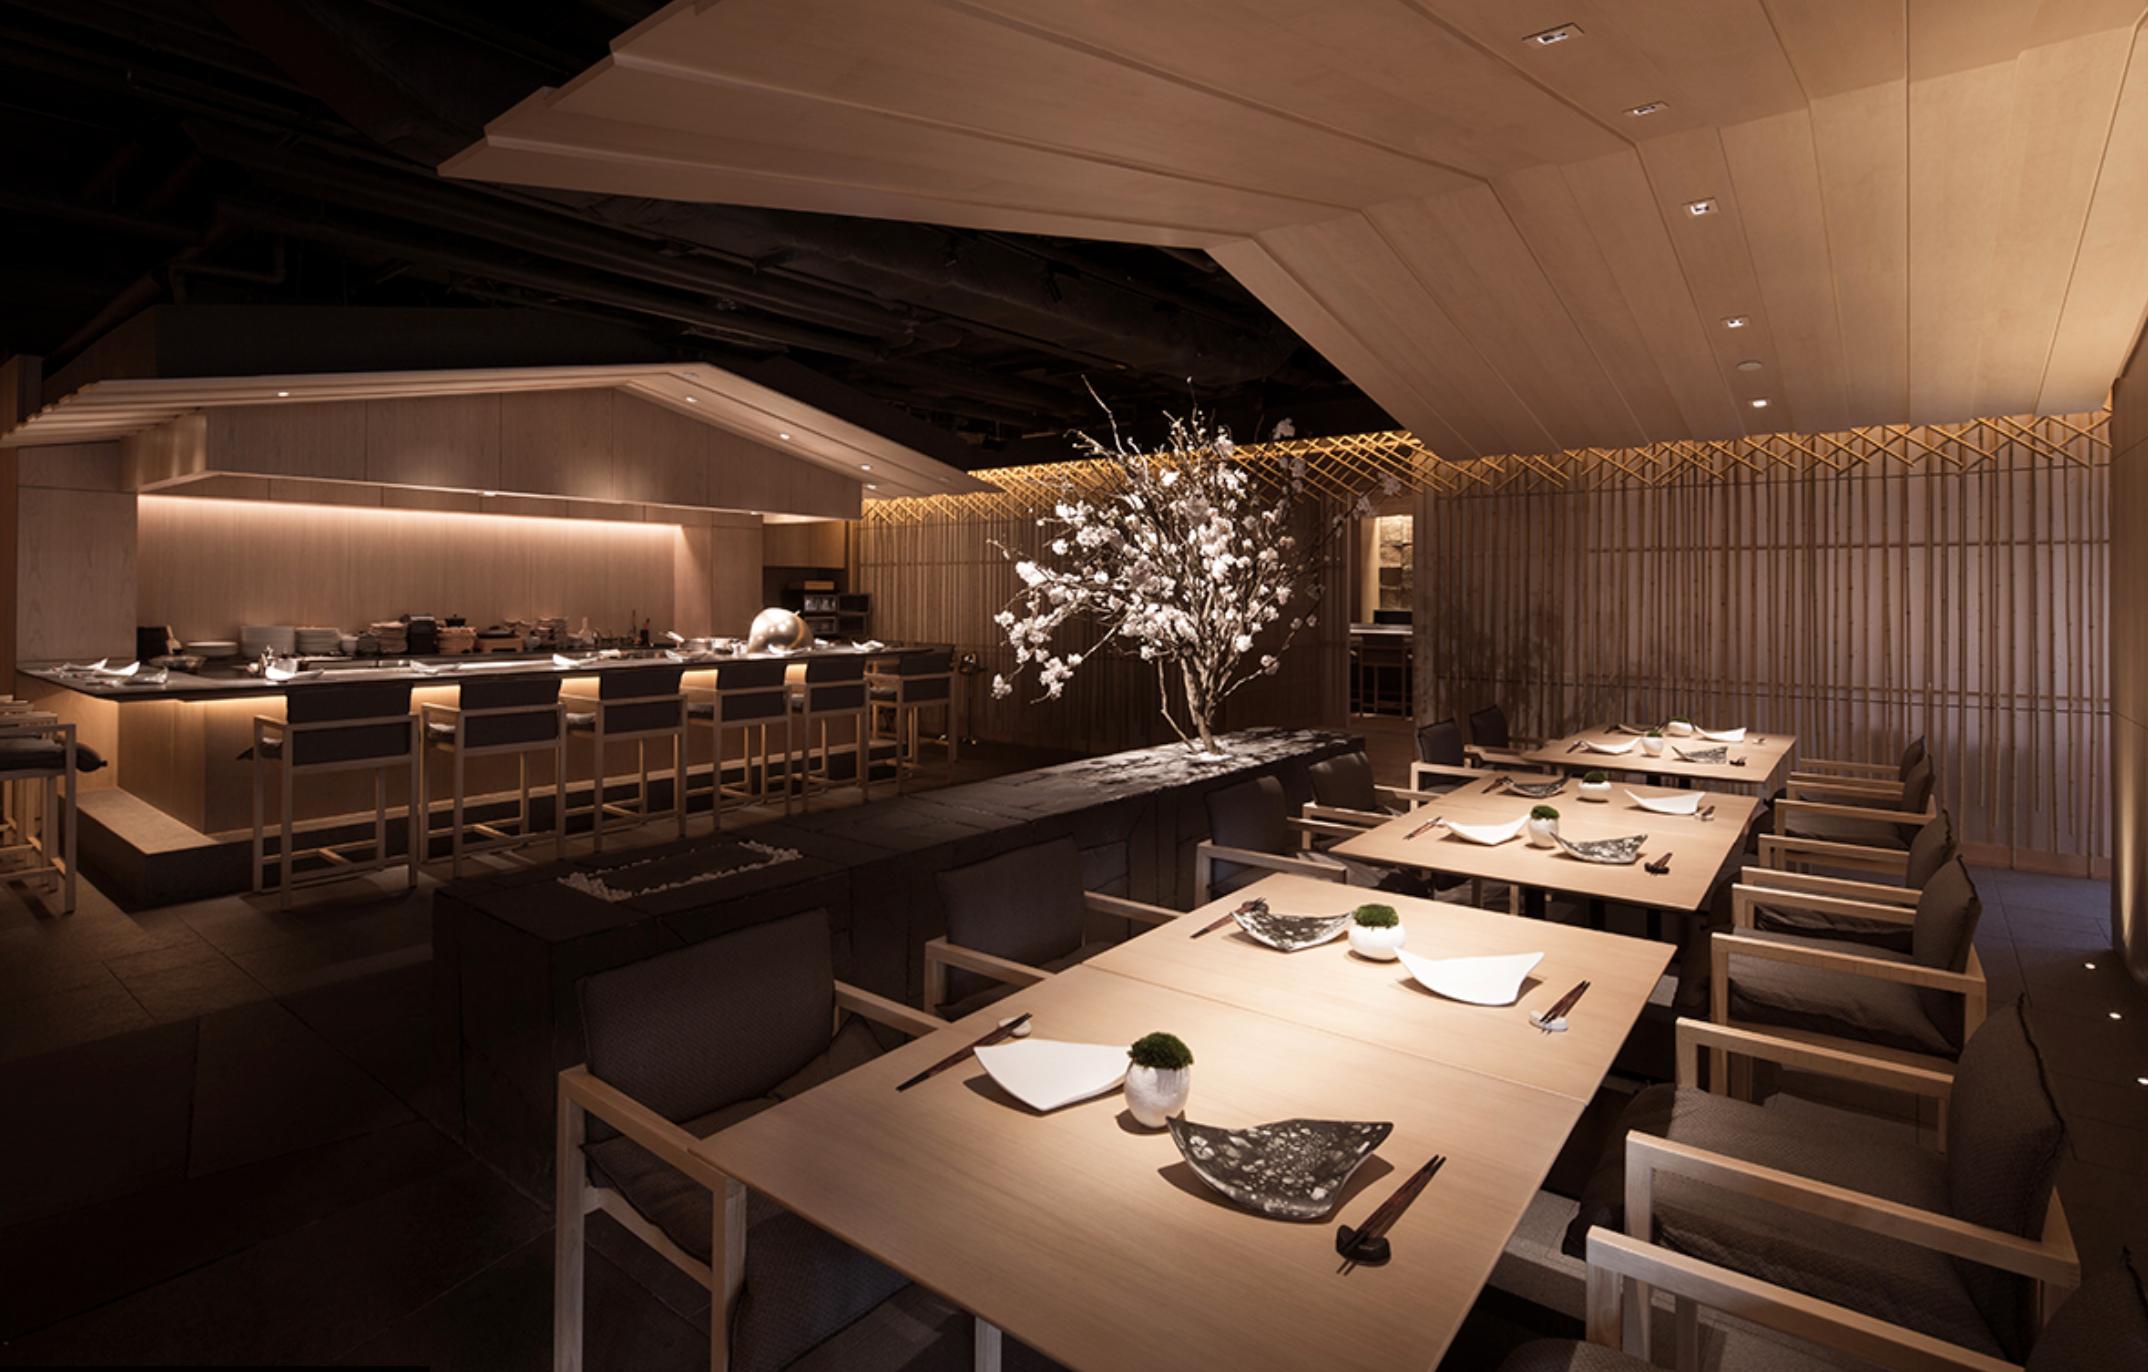 Floresta de bambu é inspiração para novo restaurante em Hong Kong